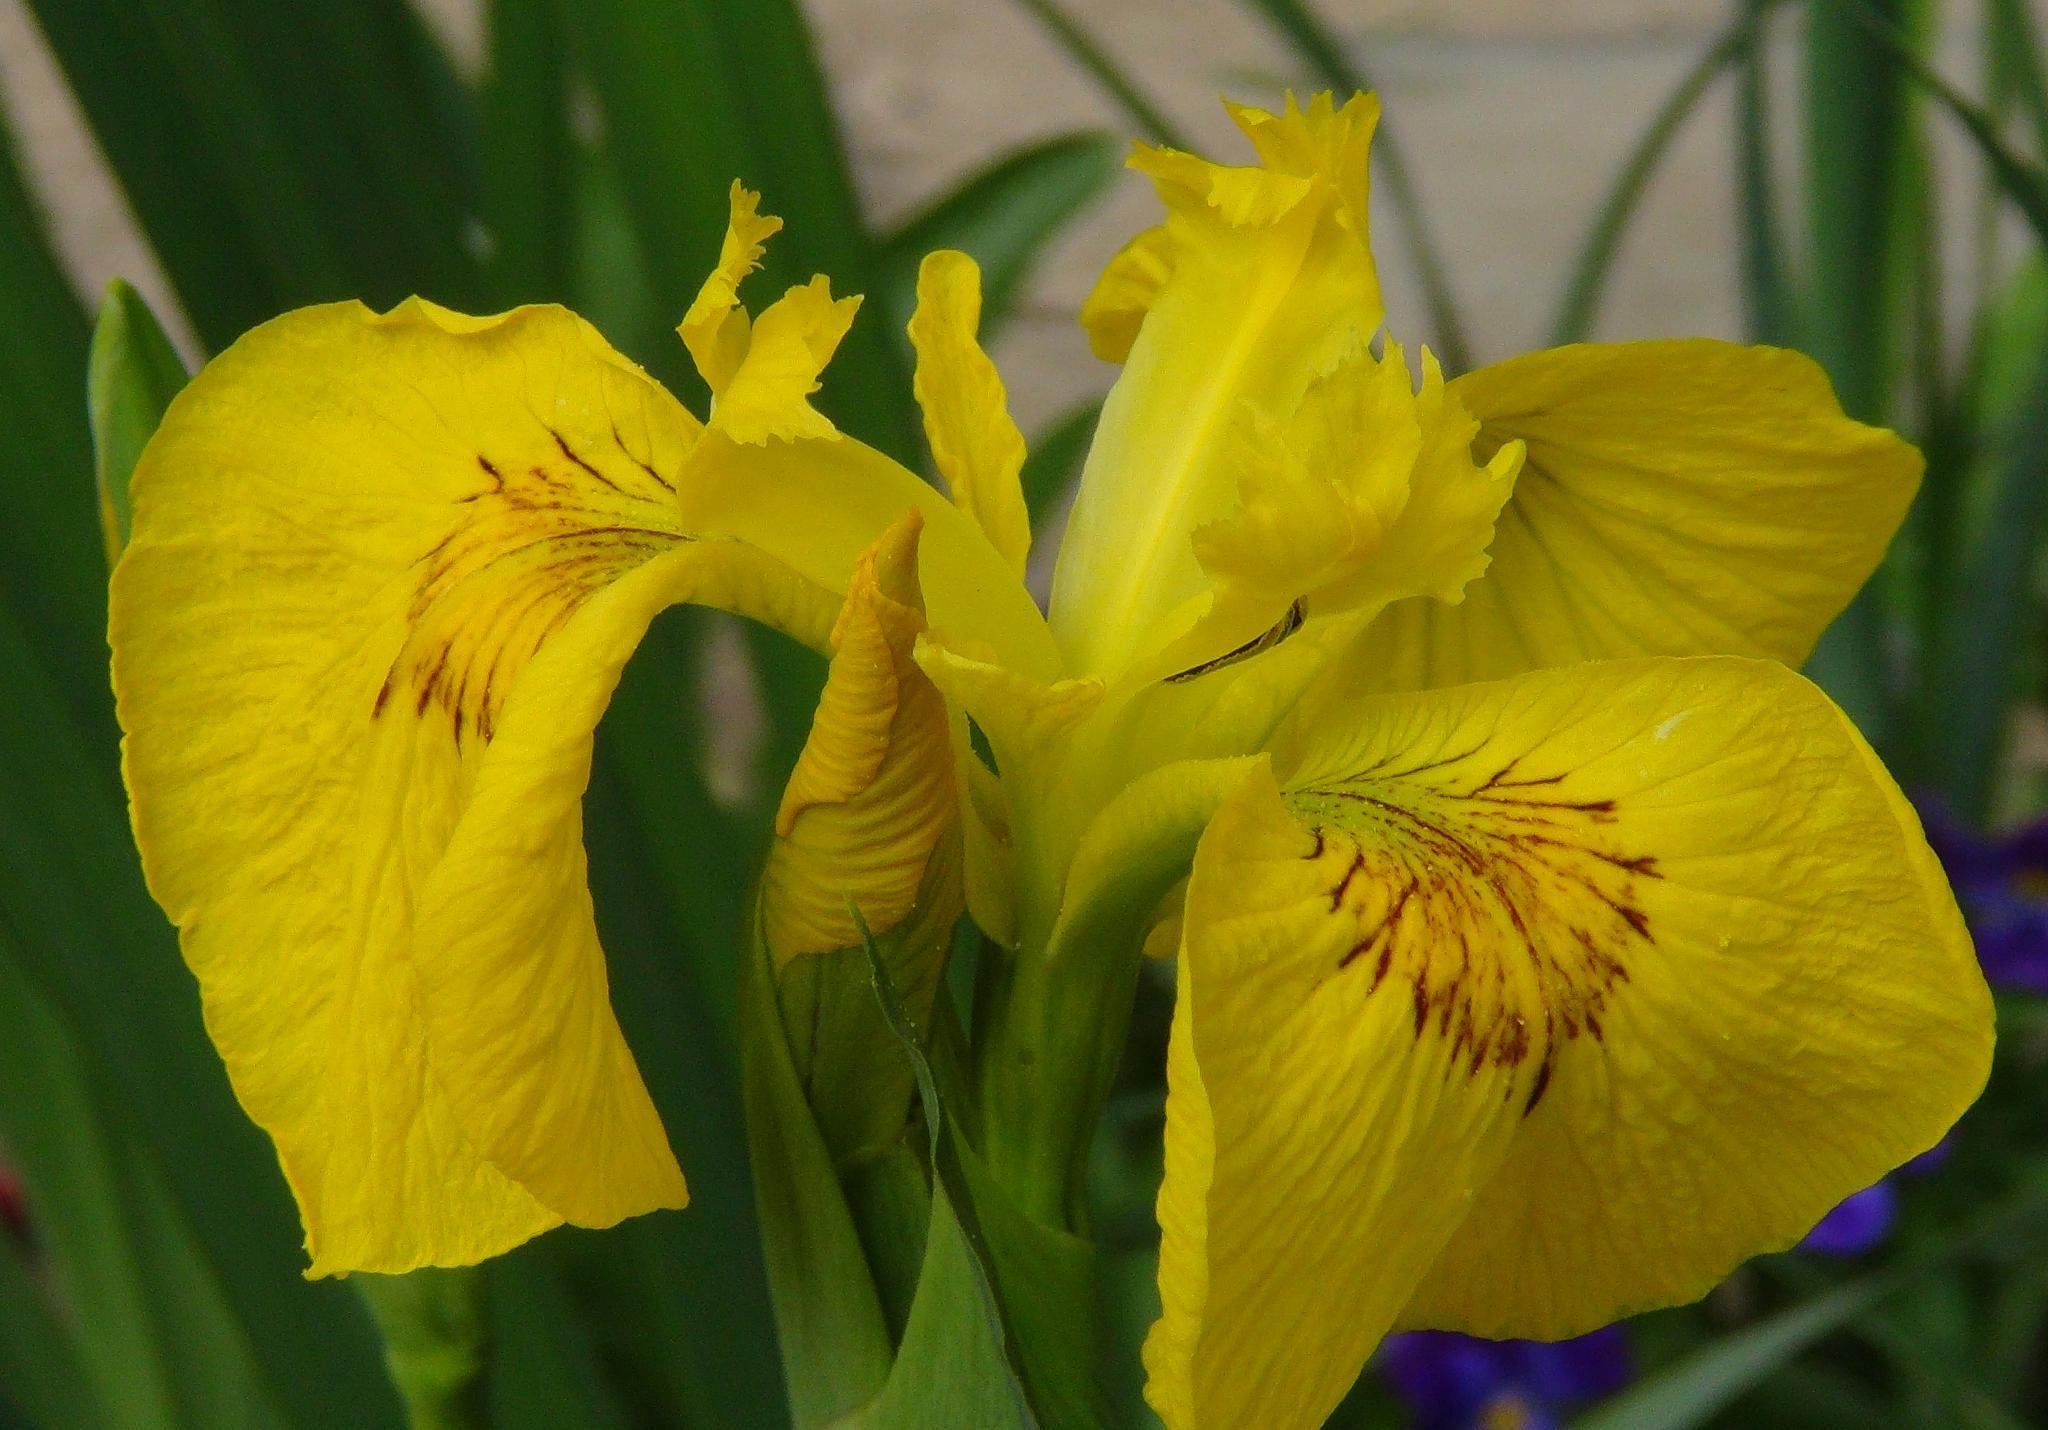 Yellow Flag Iris by Rita Simmonds